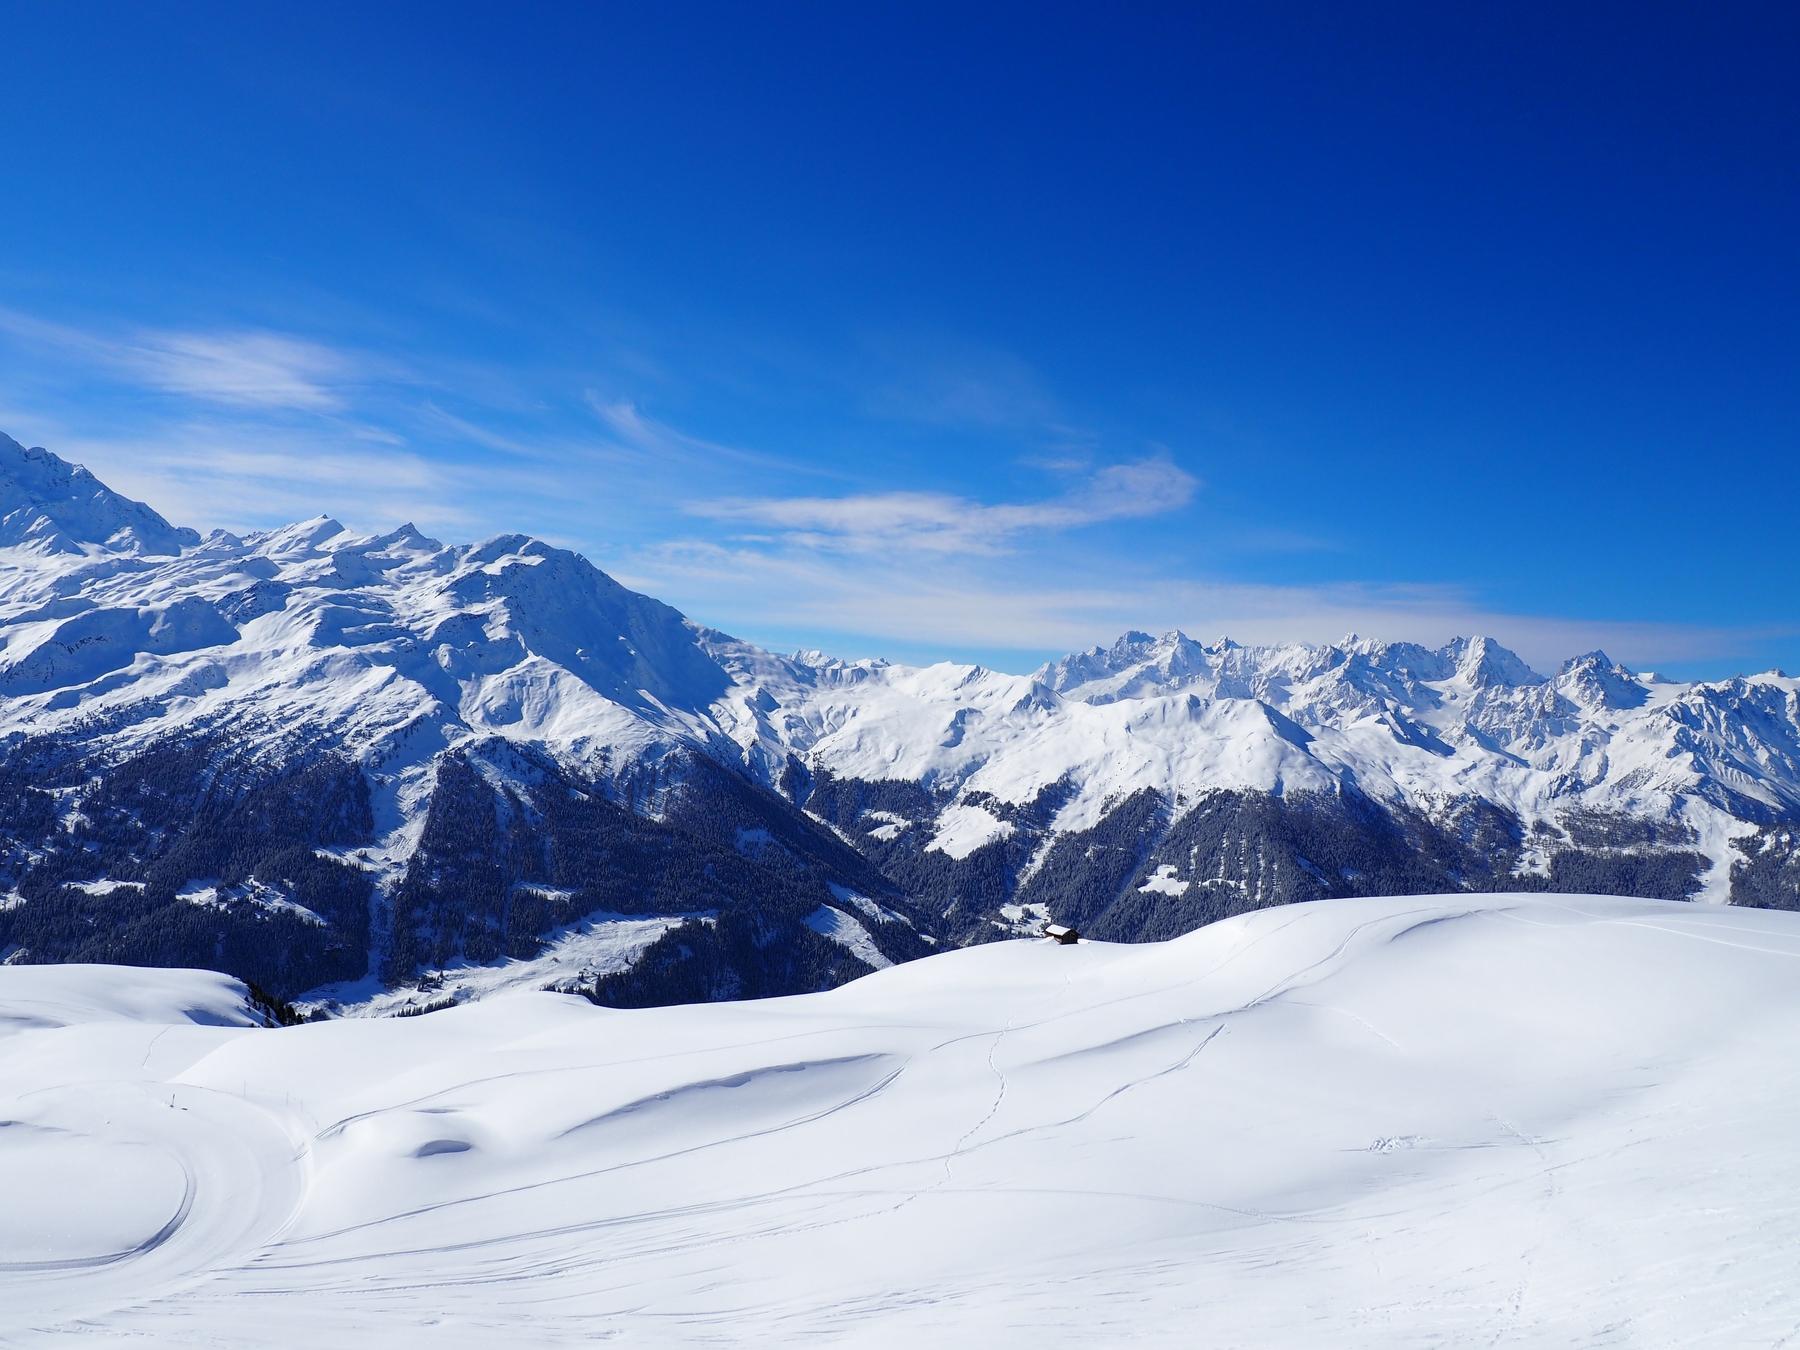 橫跨法國、義大利與瑞士三國領土的白朗峰環狀徒步路線